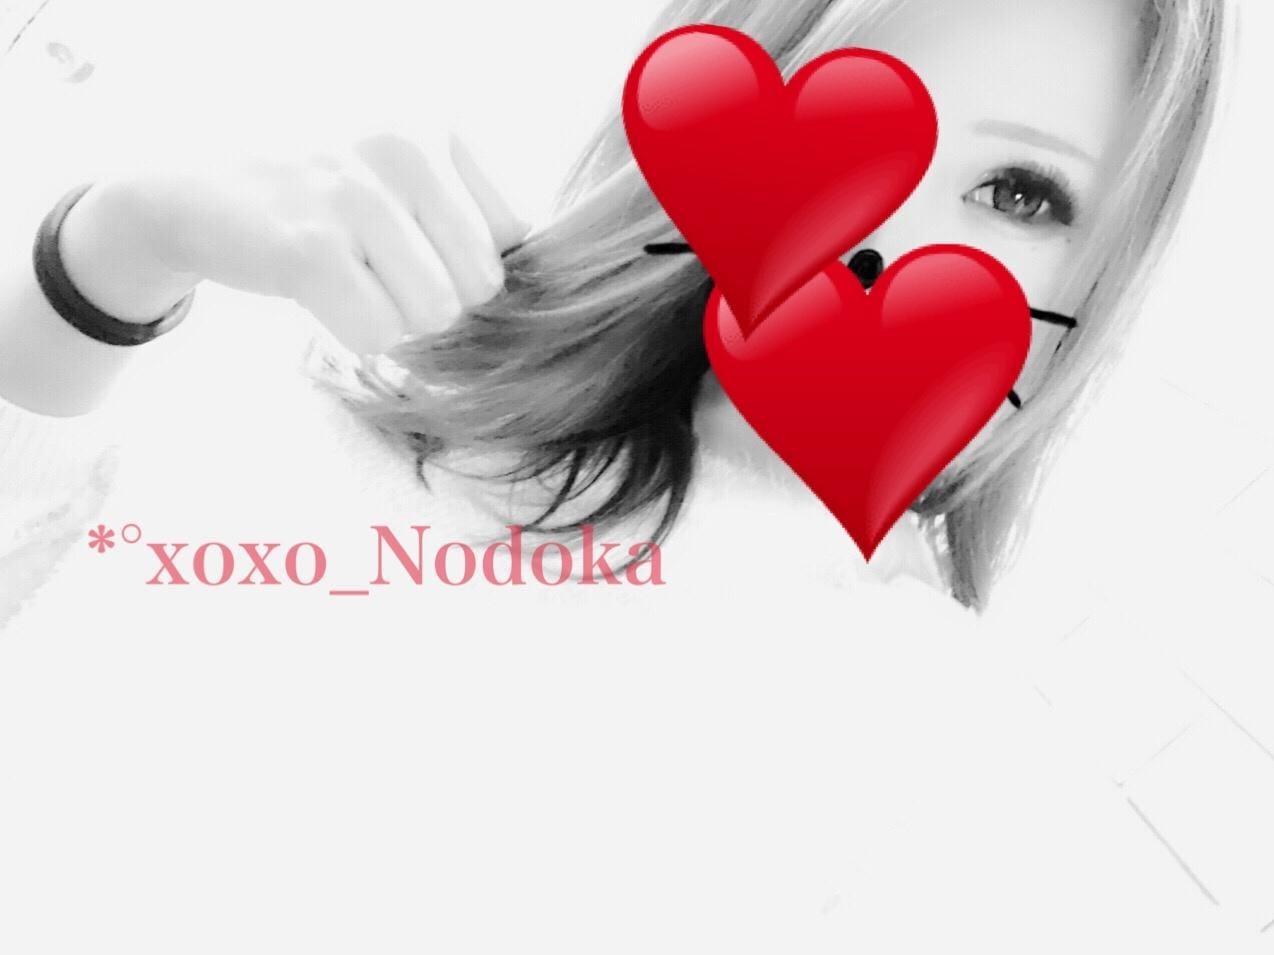 「*°ぐっどもにんっ*°」10/21(10/21) 19:16   Nodoka ノドカの写メ・風俗動画